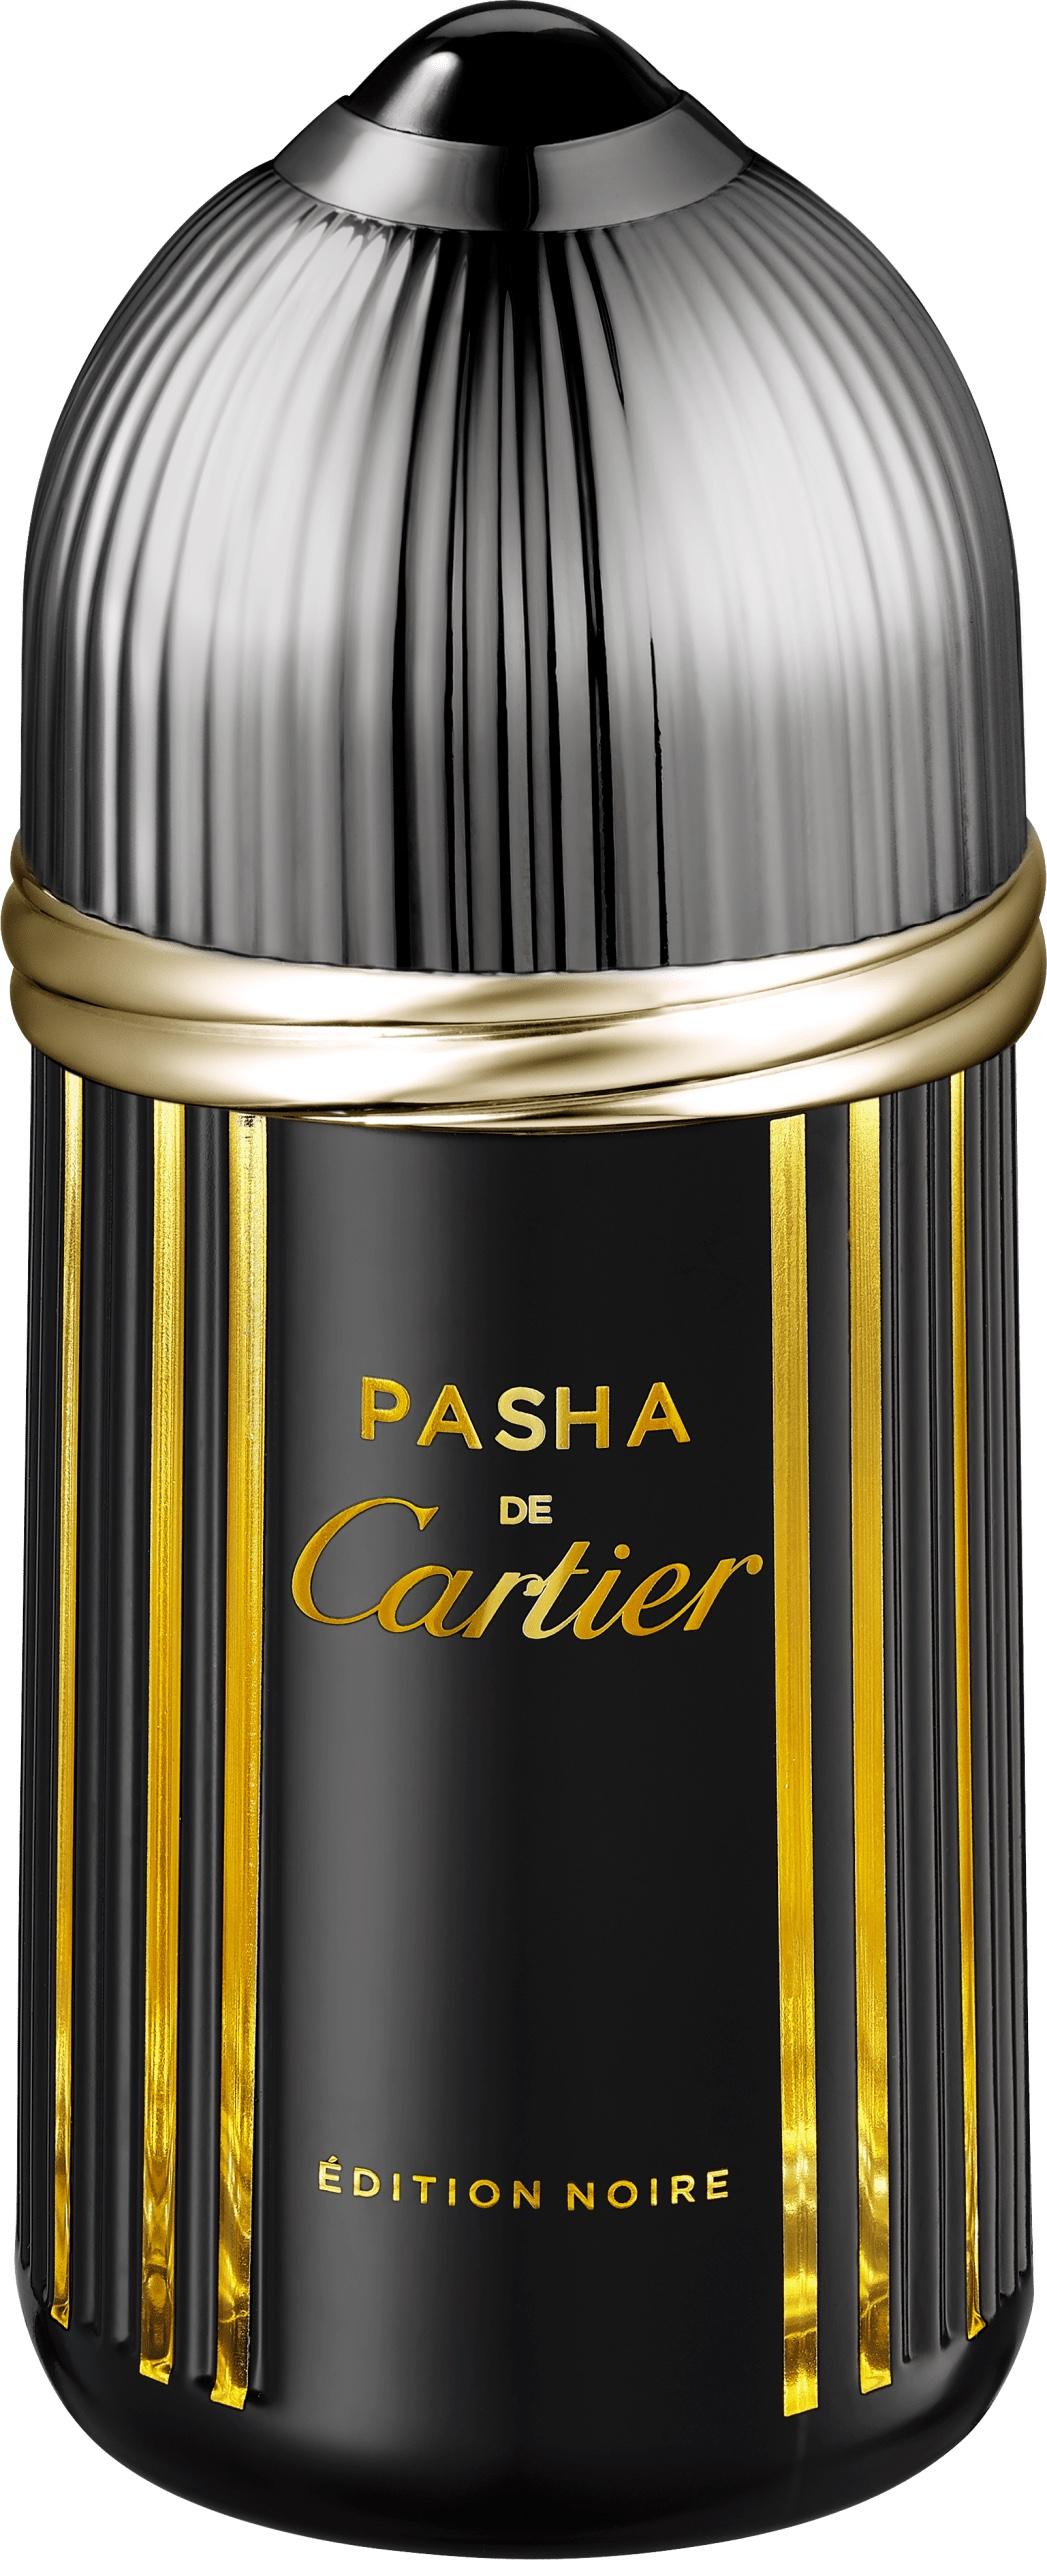 CARTIER_PASHA_EDITION_NOIRE